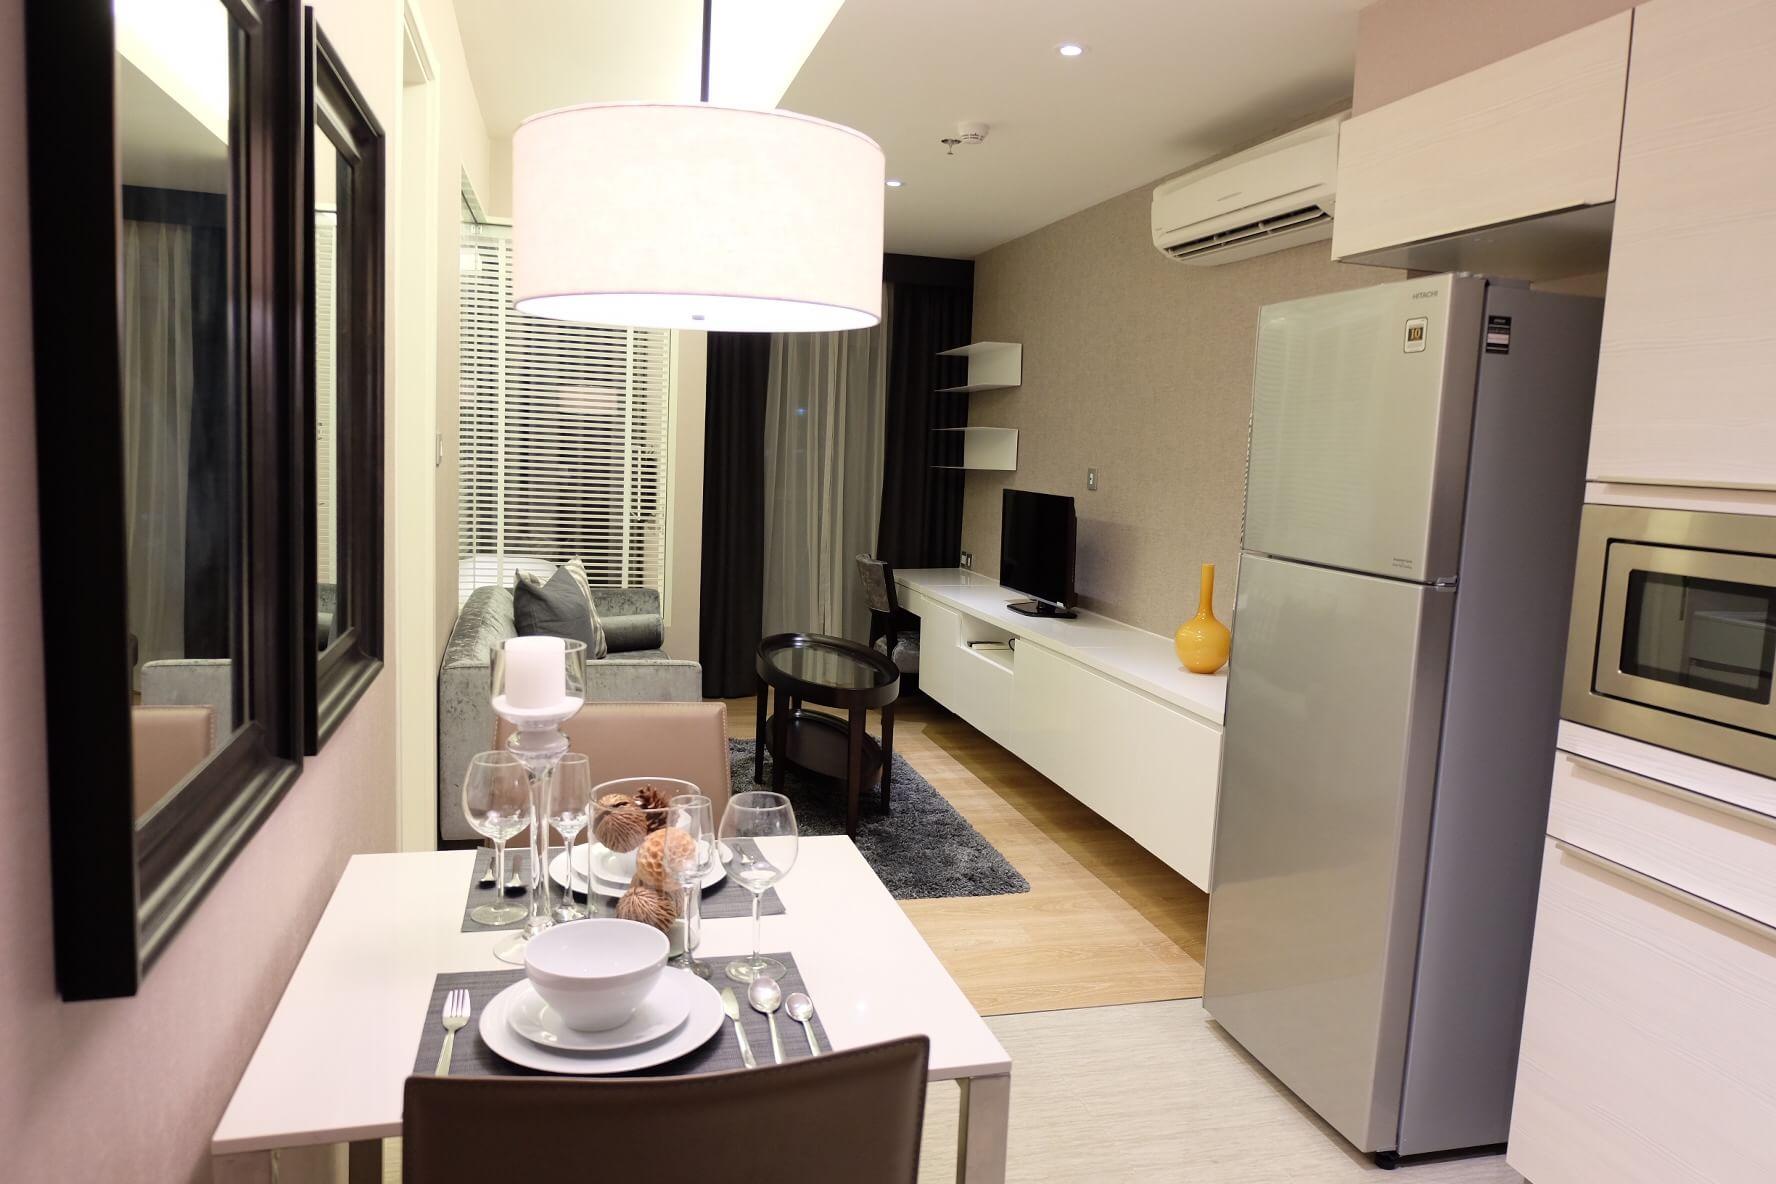 รหัสทรัพย์ 30006 ให้เช่าคอนโด H Sukhumvit 43 (เอช สุขุมวิท 43) ห้อง 1 ห้องนอน 1 ห้องน้ำ พื้นที่ 39 ตร.ม ชั้น 16 ราคาเช่า 38,000 บาทต่อเดือน สัญญาเช่า 1 ปี